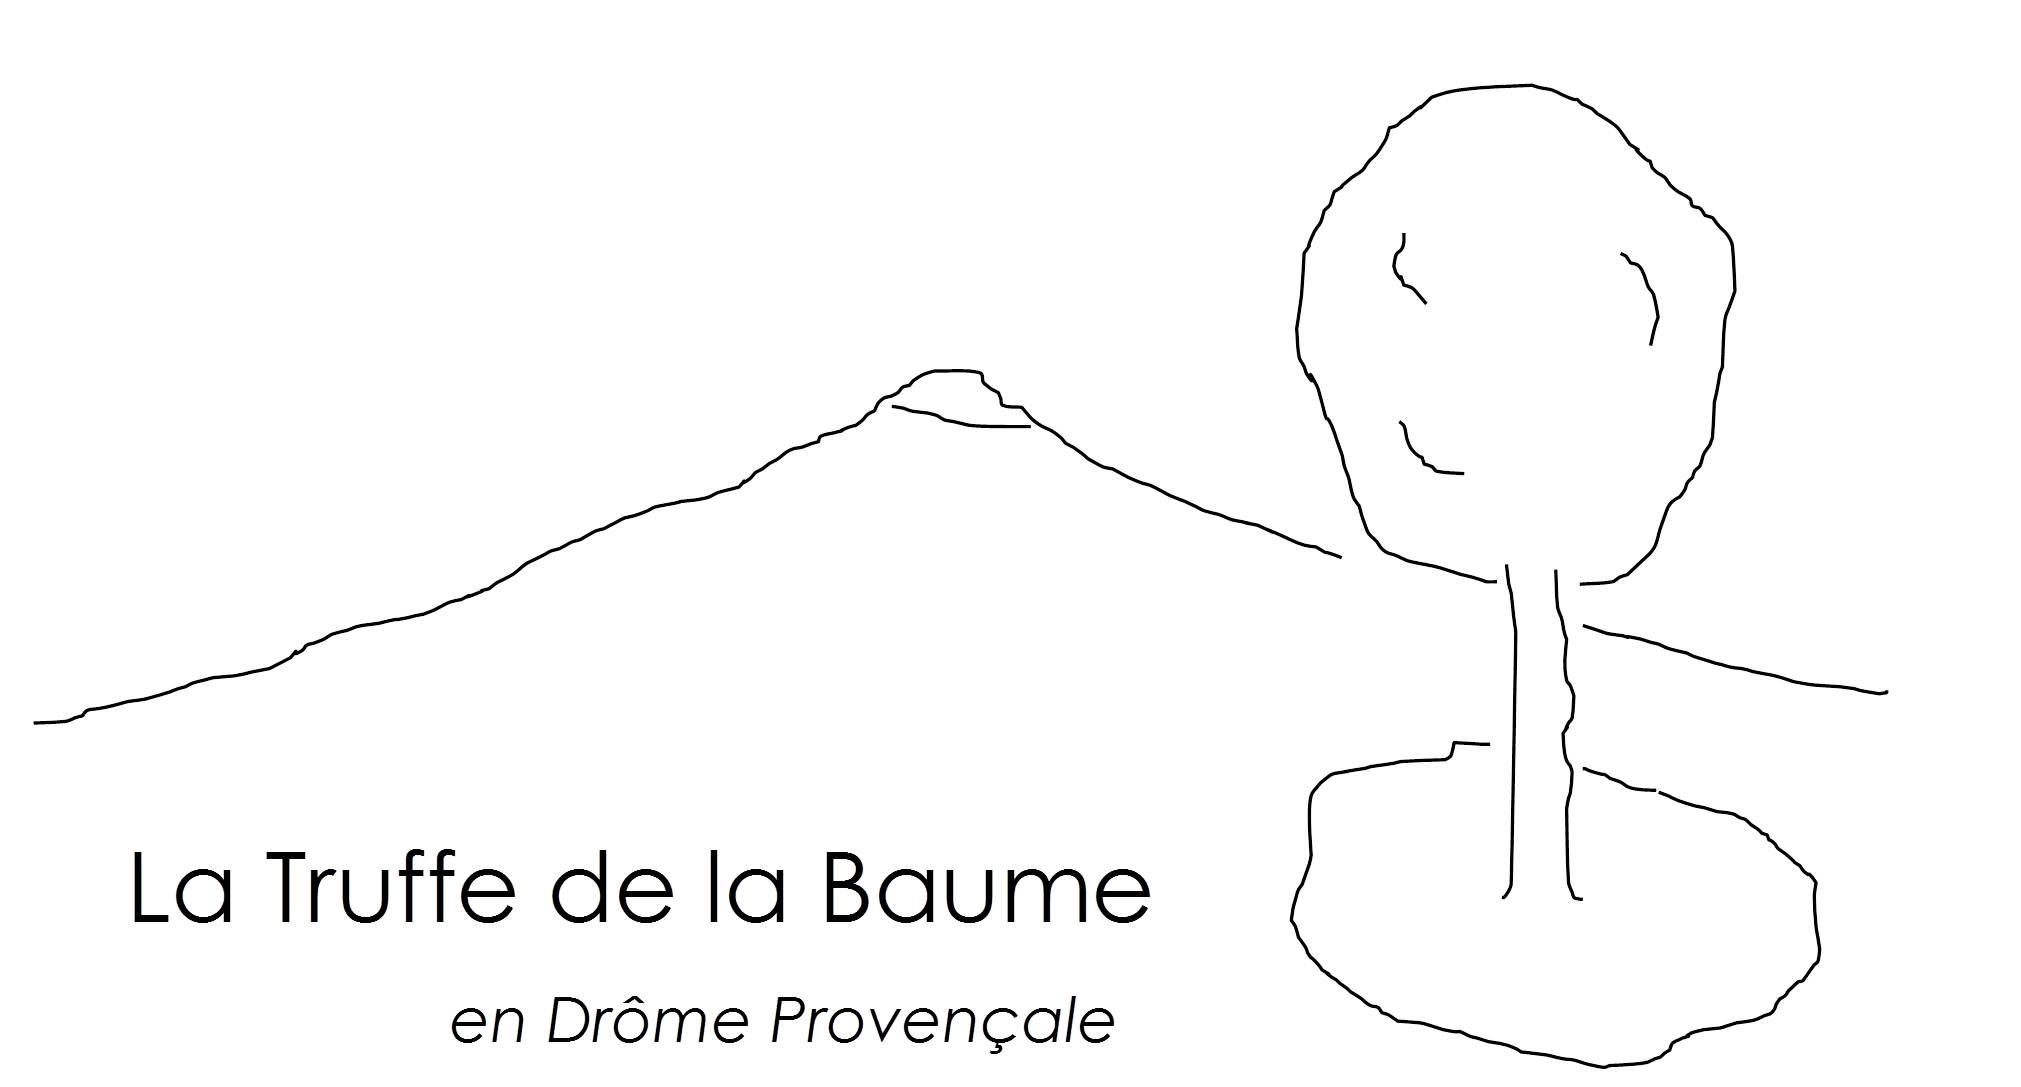 La Truffe de la Baume logo4